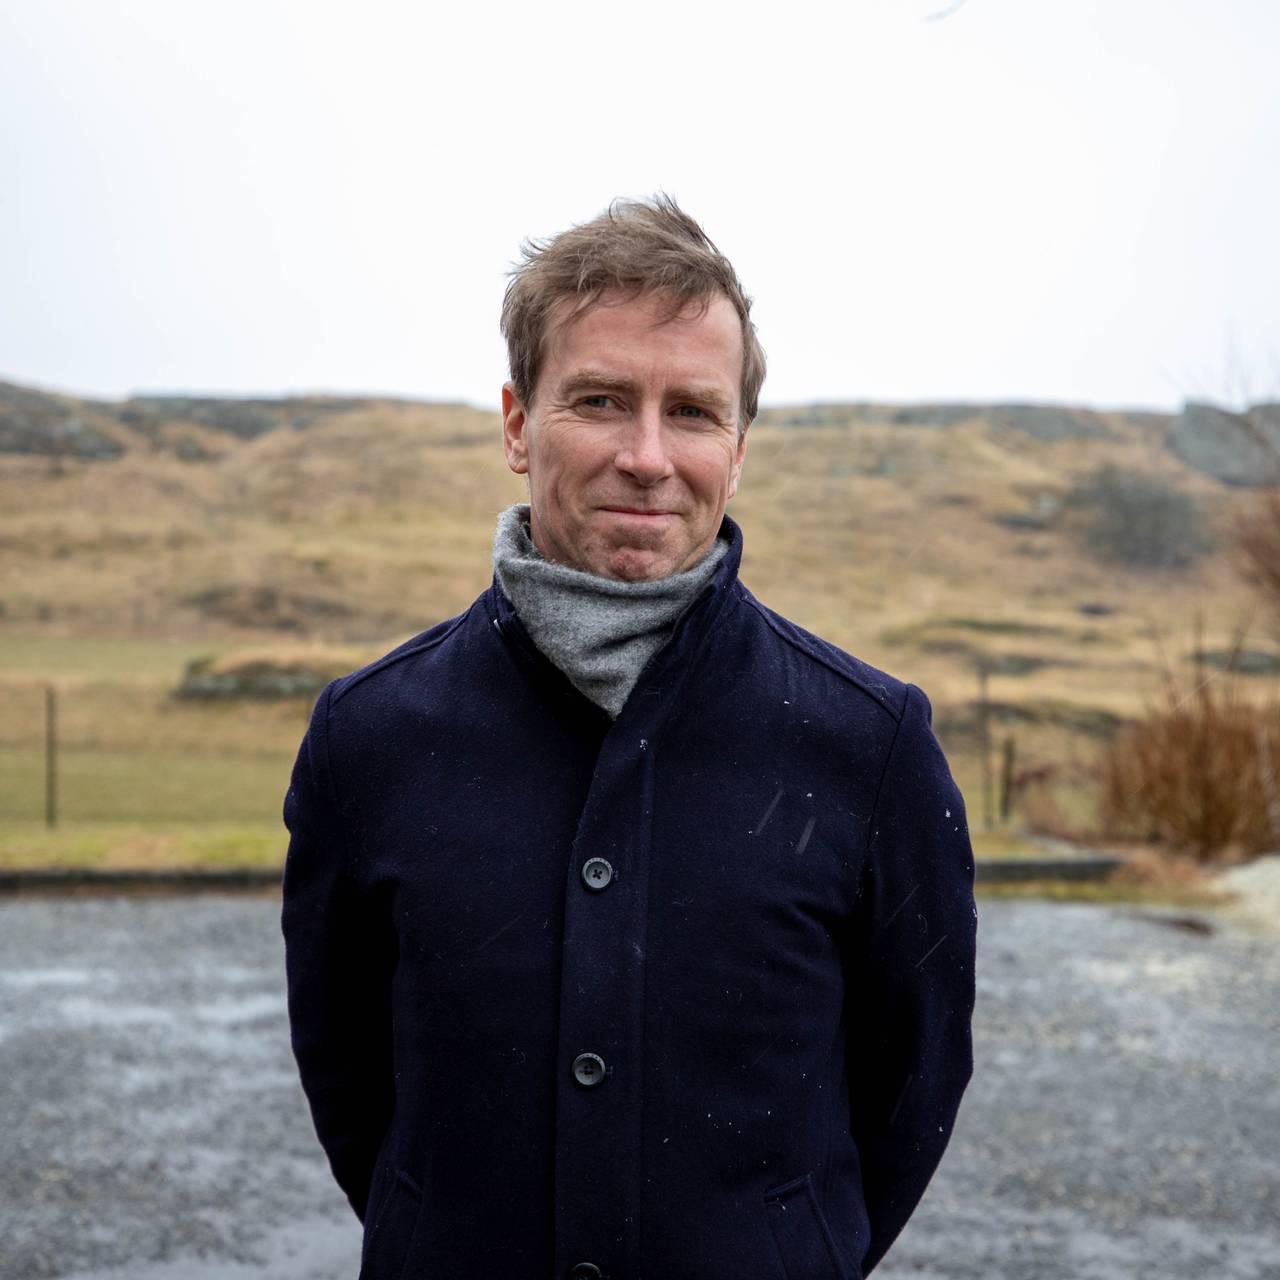 Ordfører i Kvitsøy kommune Stian Gill Bjørsvik.